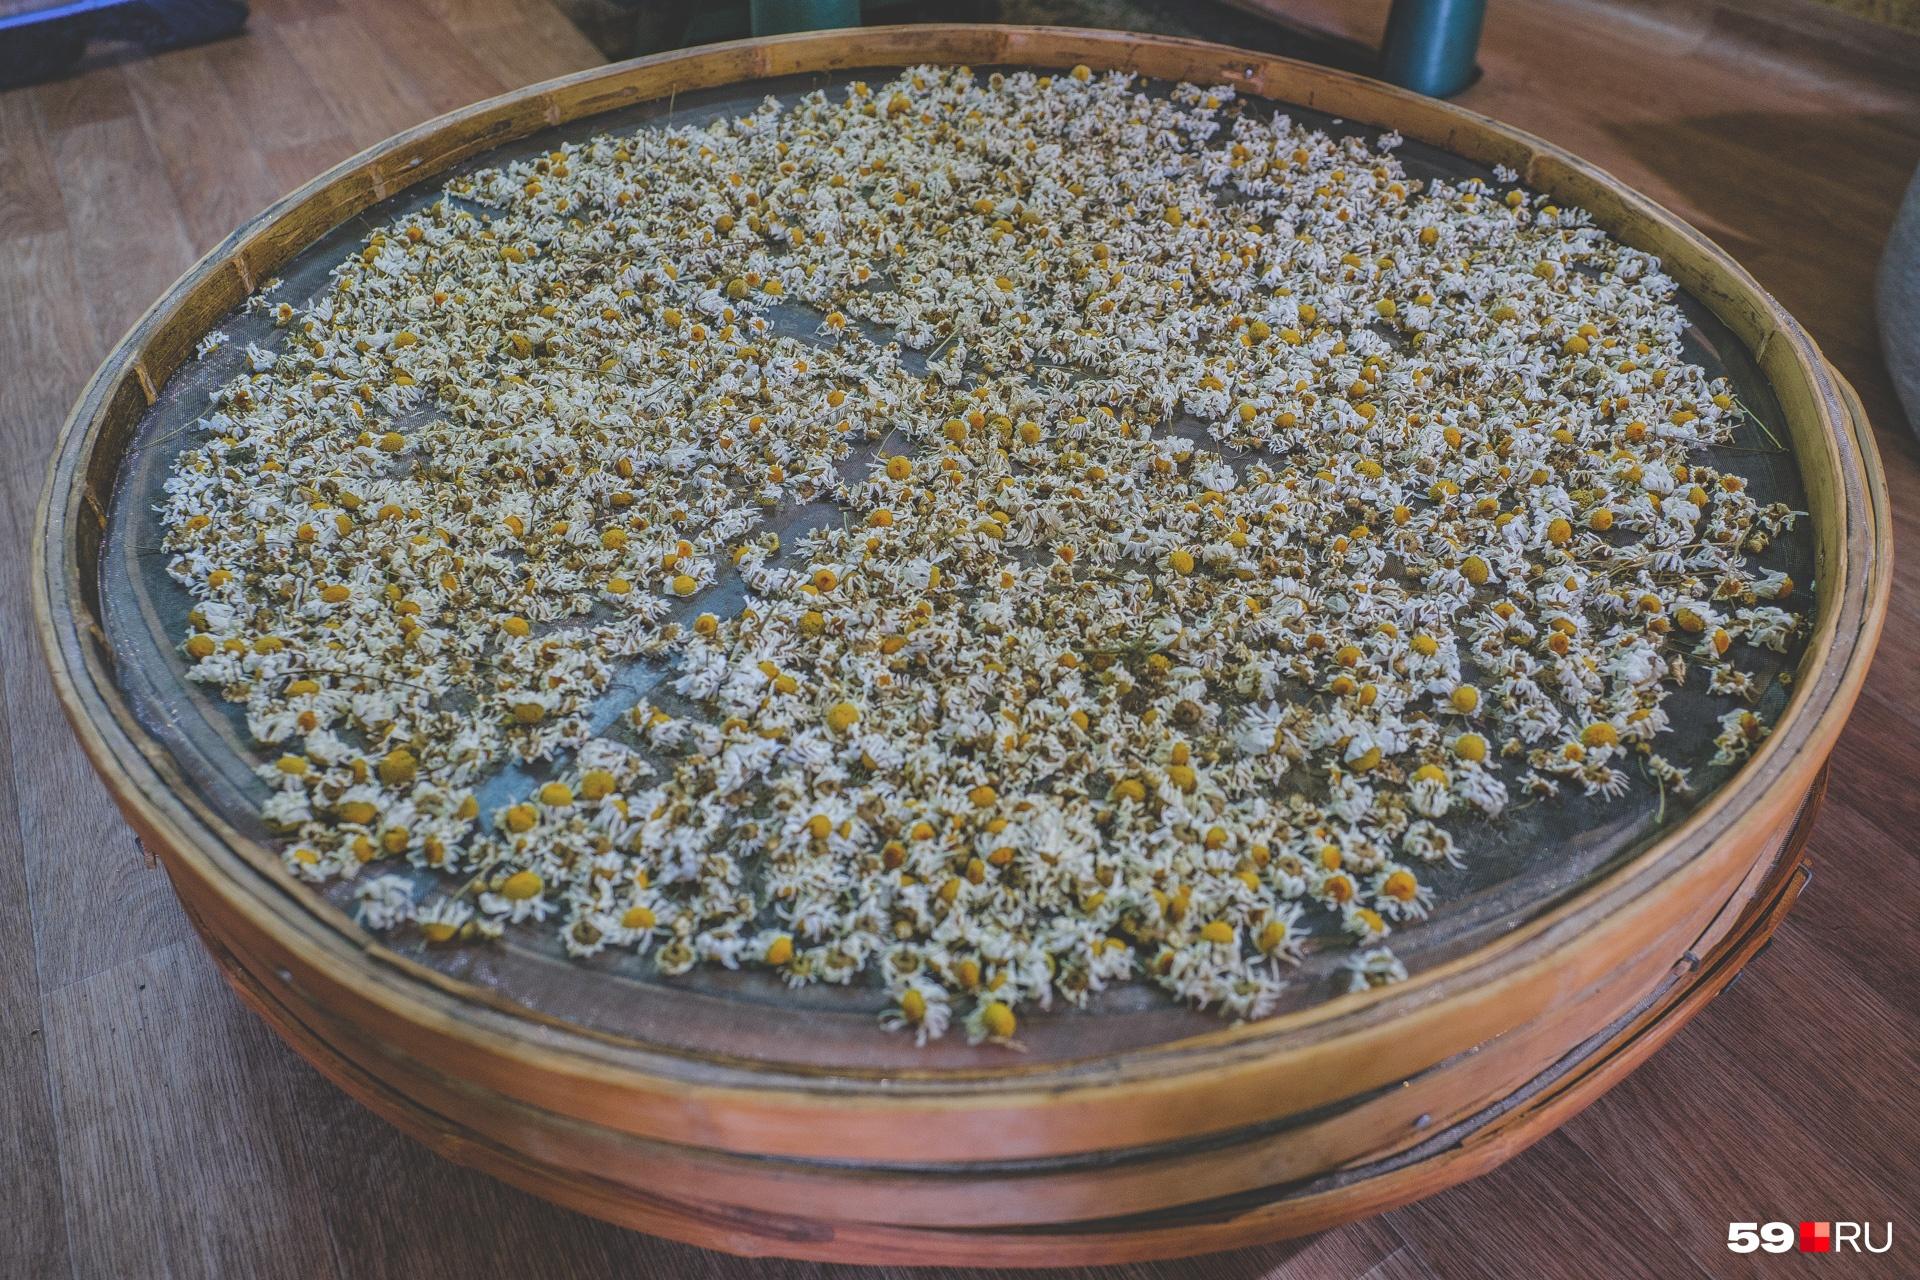 Цветы ромашки сушат при щадящей температуре 50 градусов